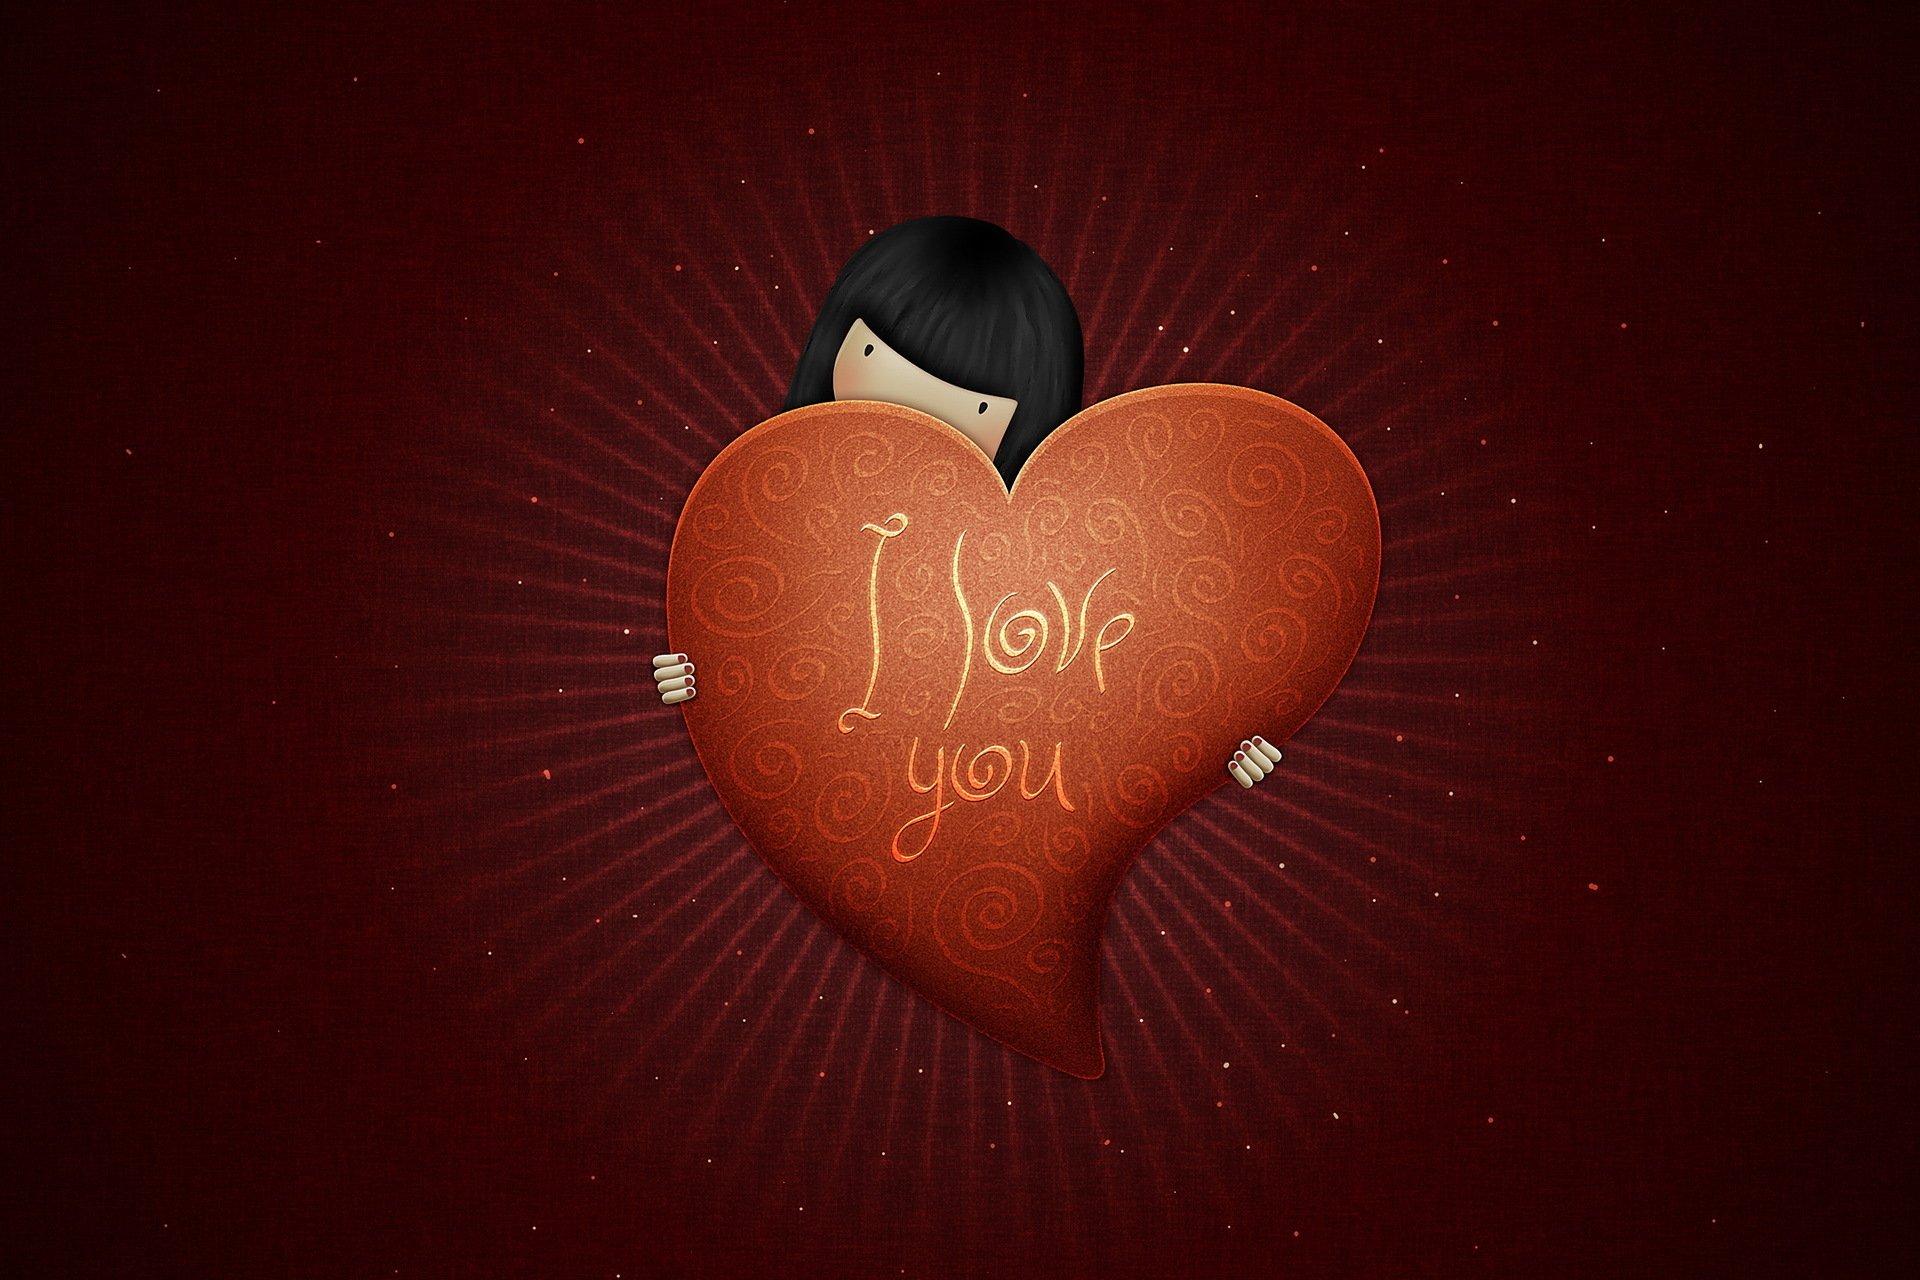 Красивые картинки сердечки с надписями про любовь, поздравление днем рождения